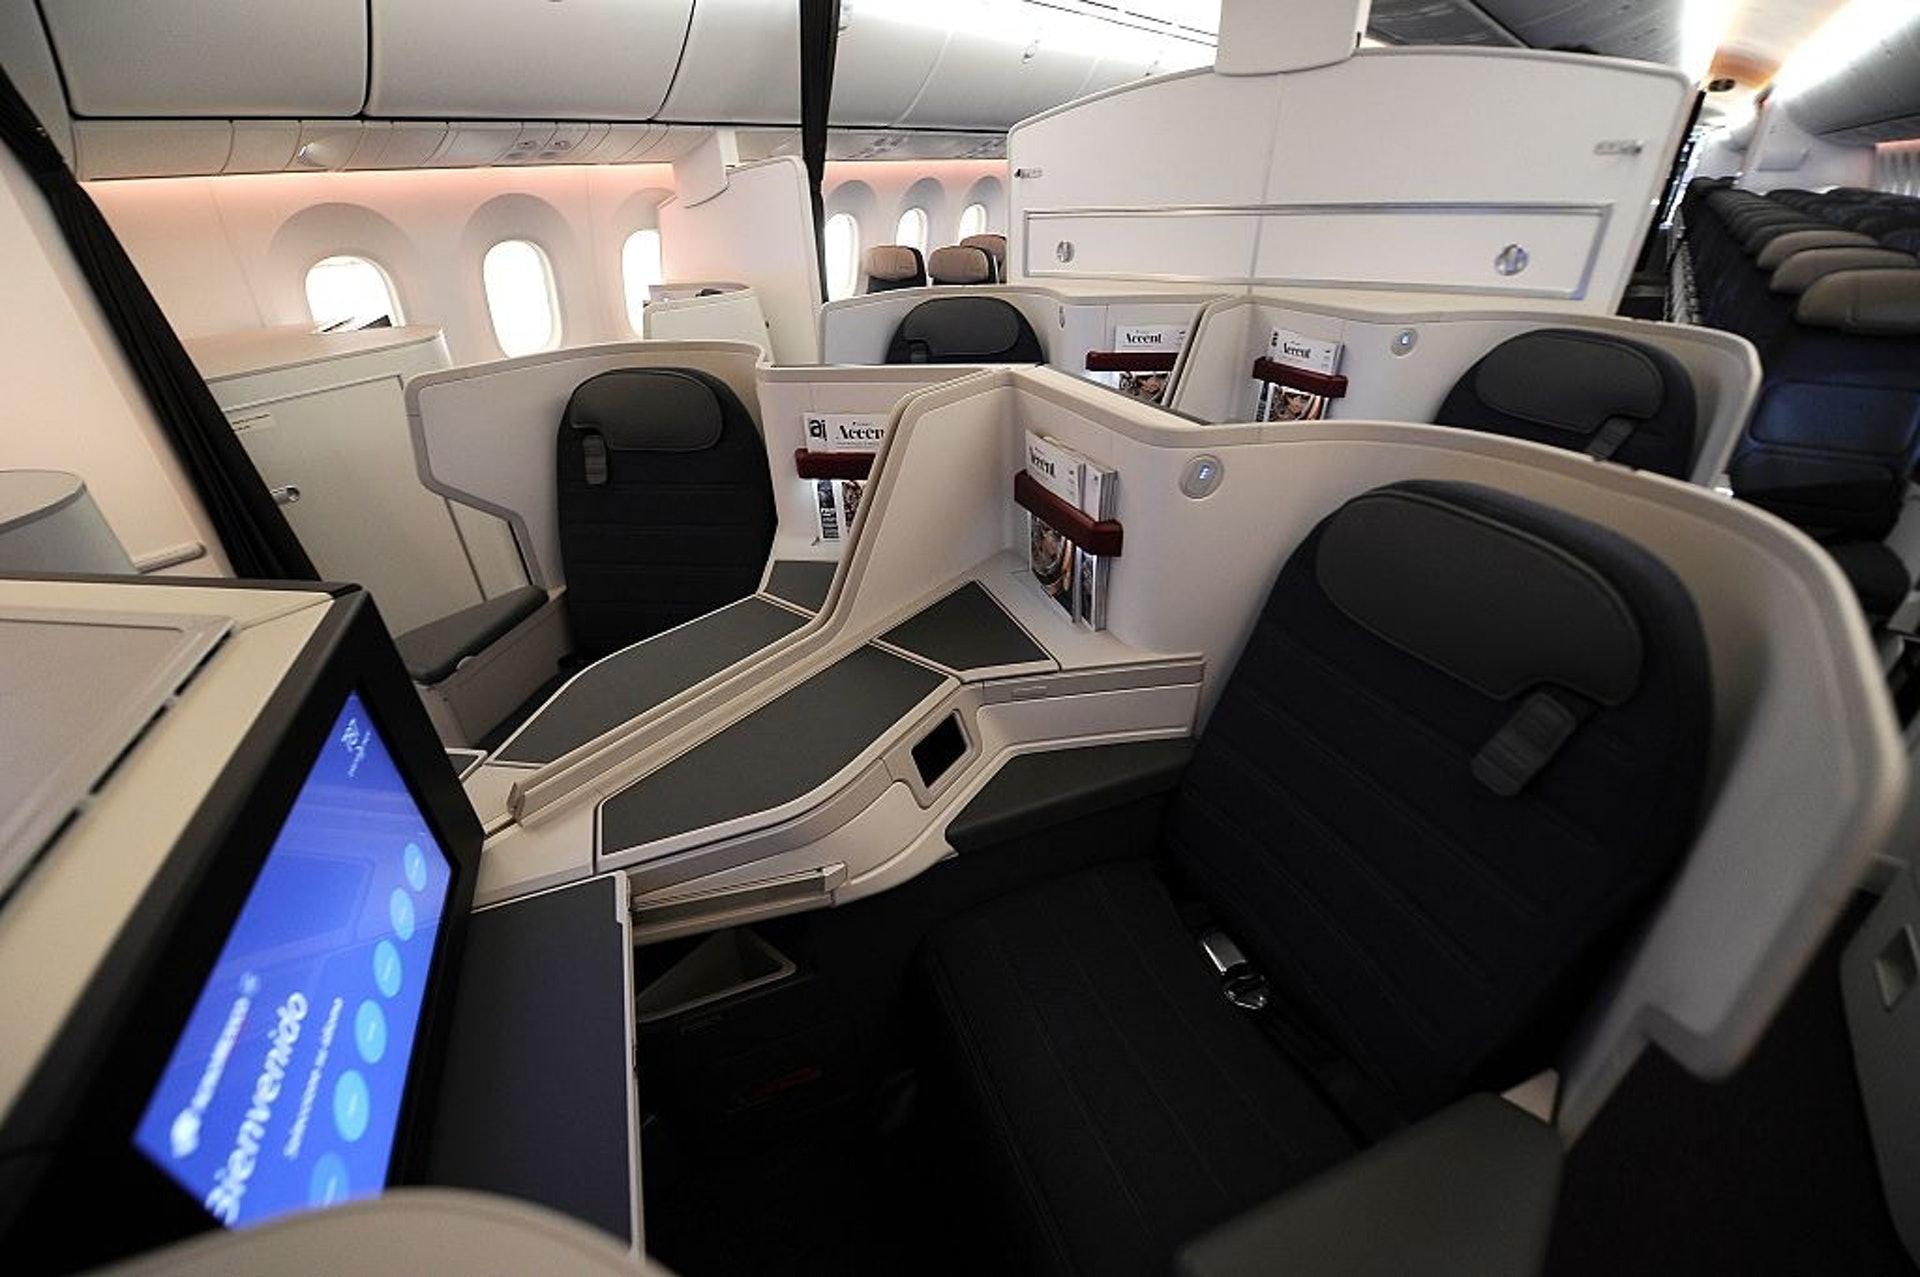 當她醒來,飛機上完全沒有人,艙門也已關閉。更糟糕的是她的手機已經沒電,機上也沒有可以充電的設施。(Getty Images)